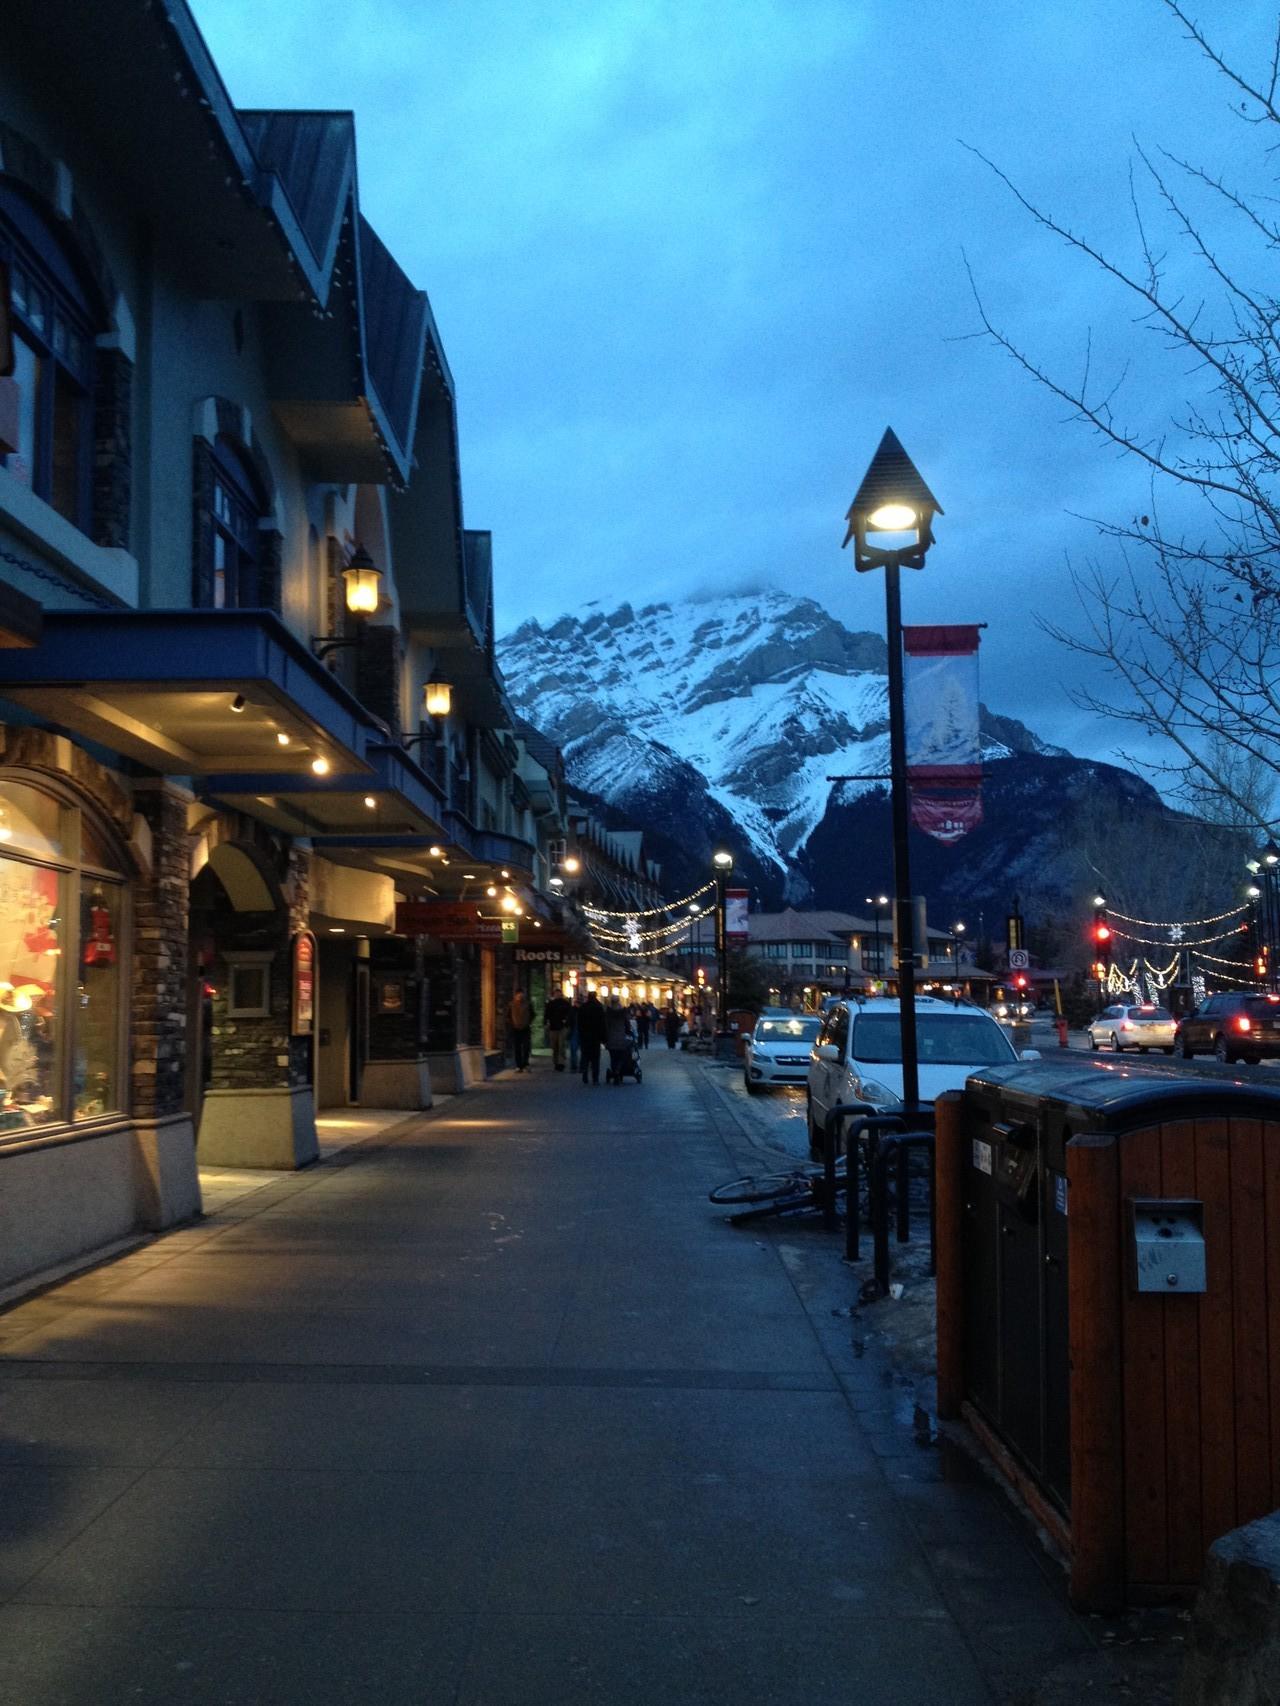 Ferienort Banff